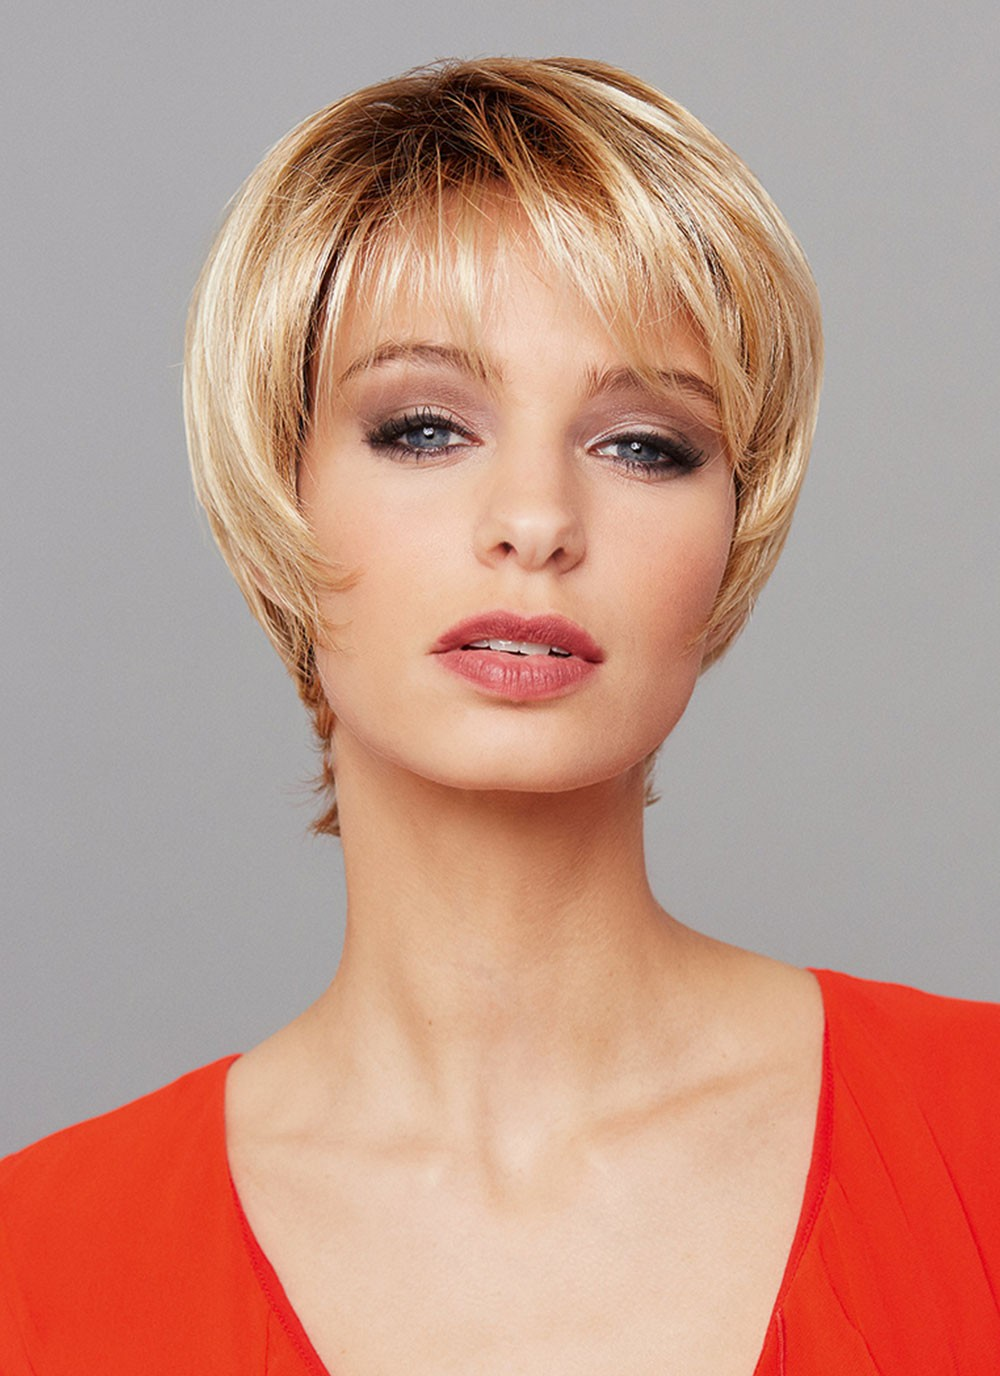 short cut blonde ladies hair wigs